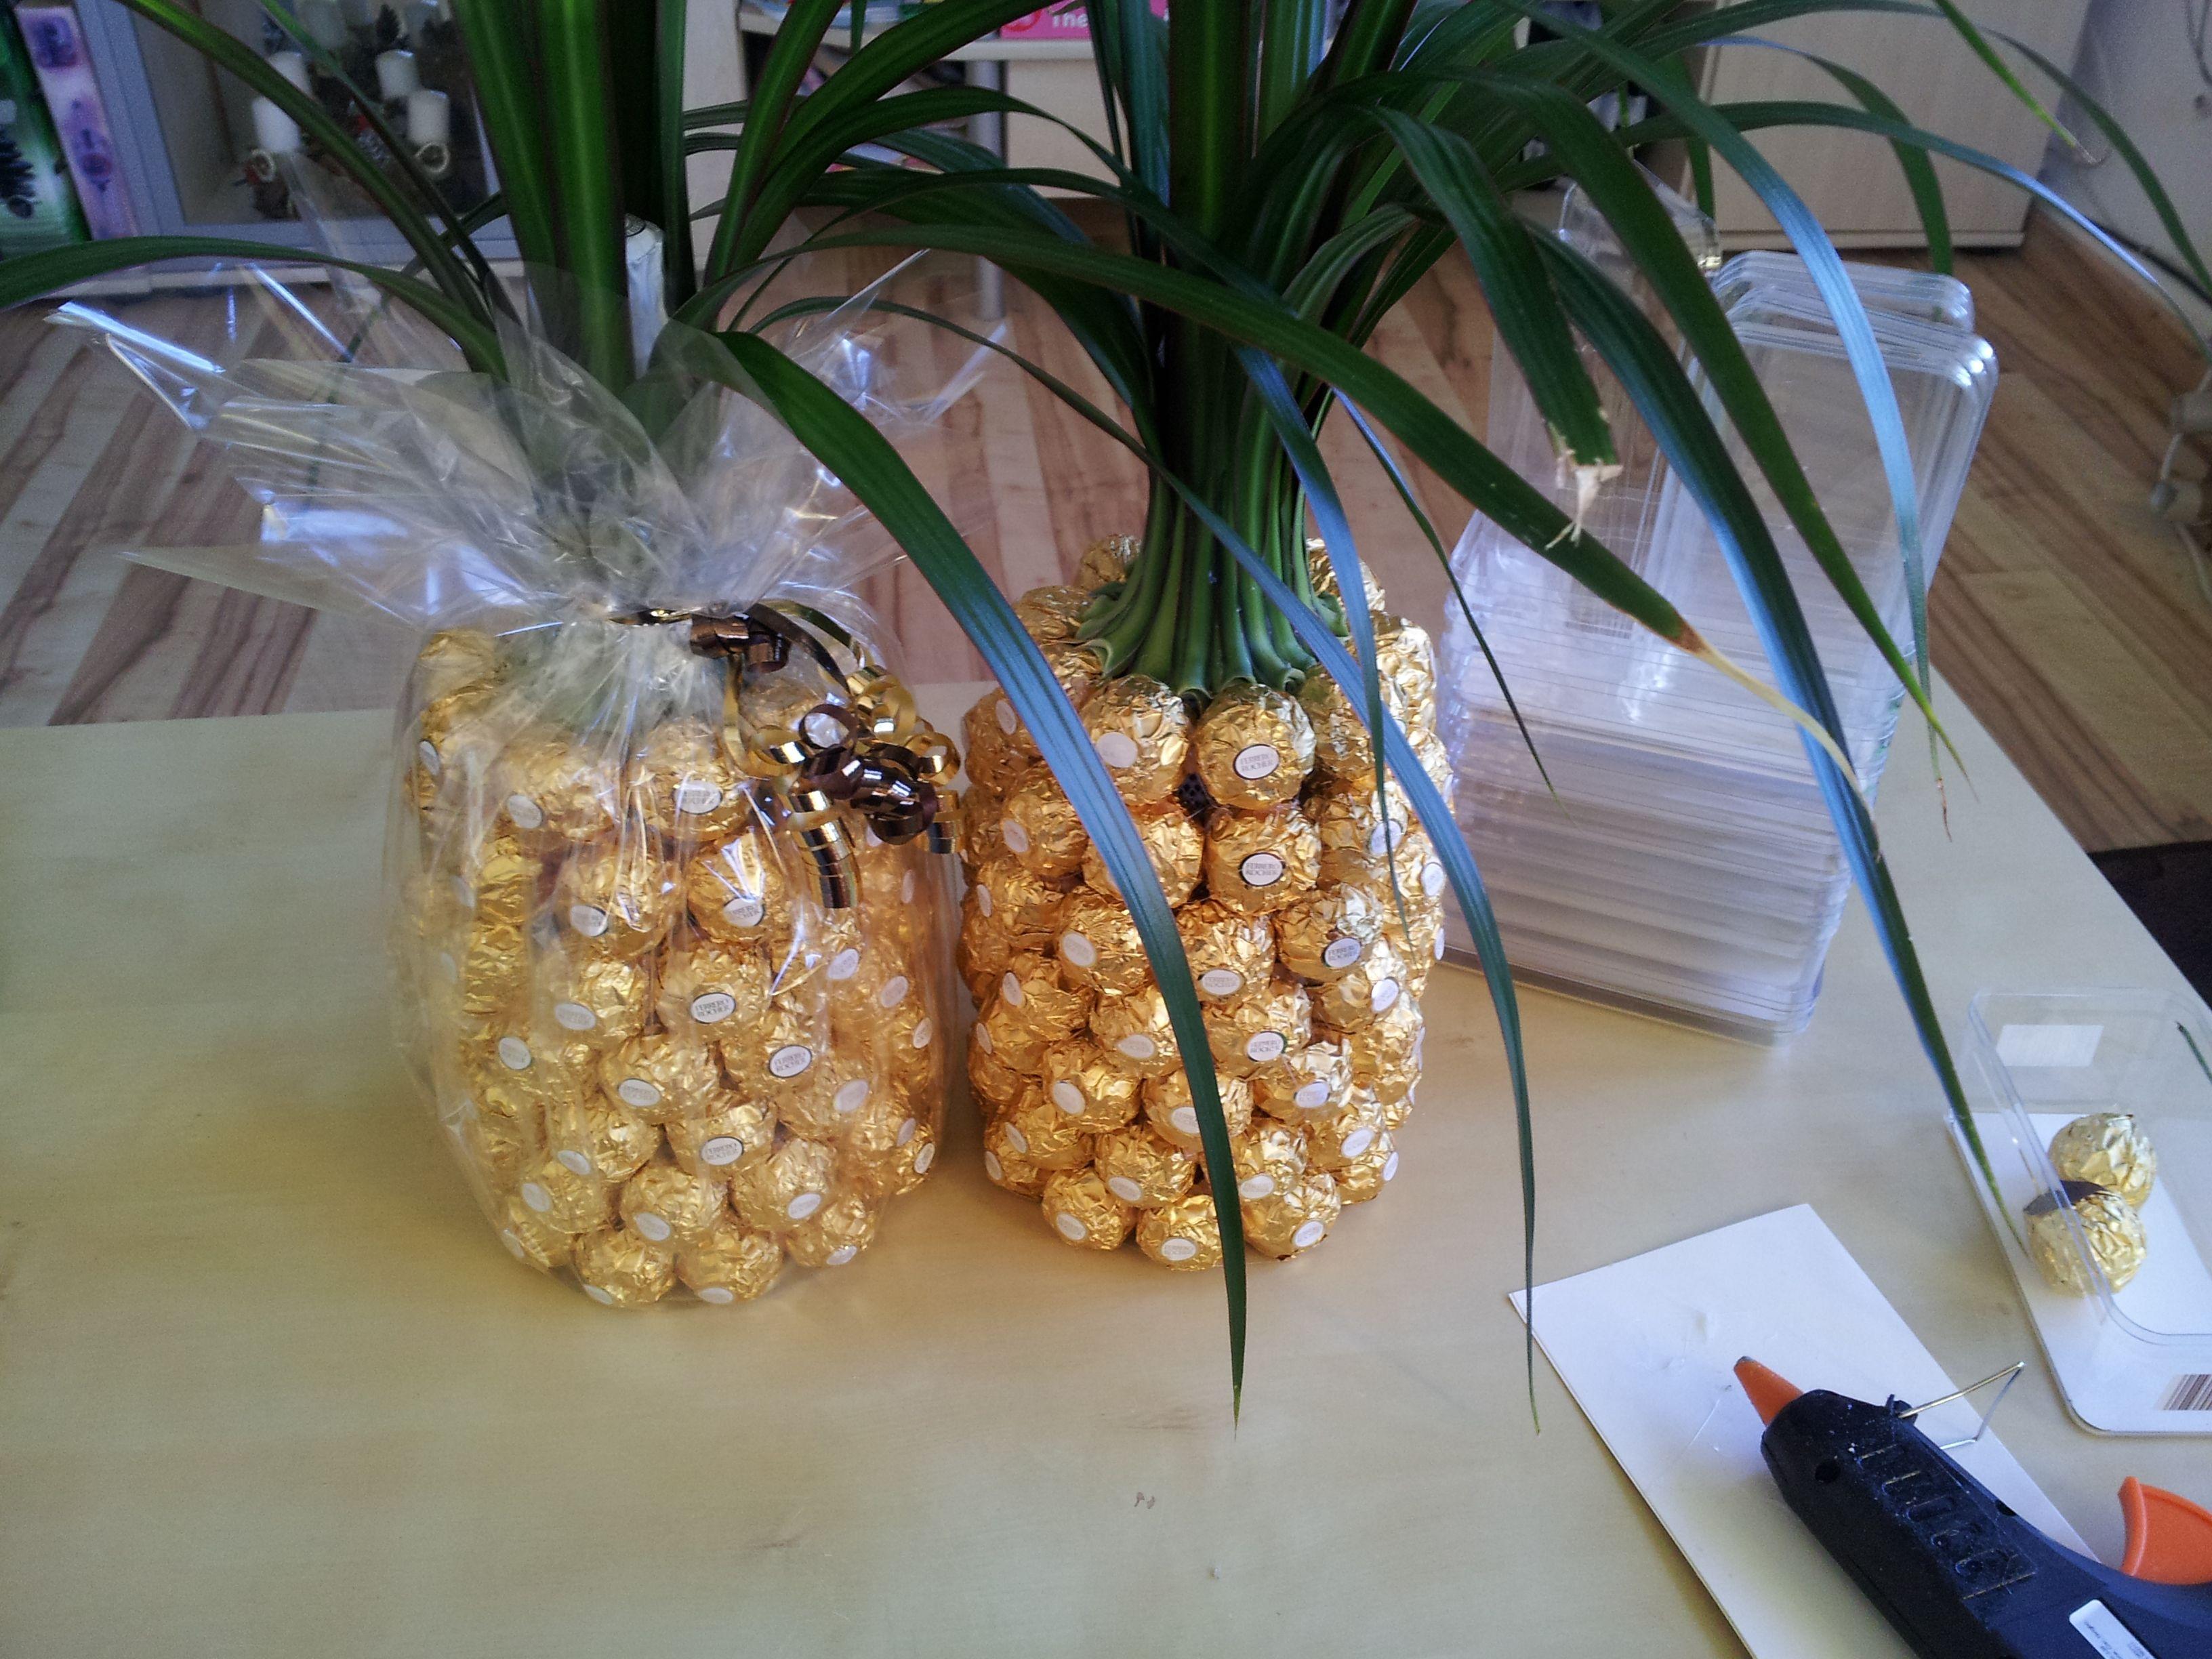 Anleitung fr eine Ferrero Rocher Ananas  Palme  Lee min